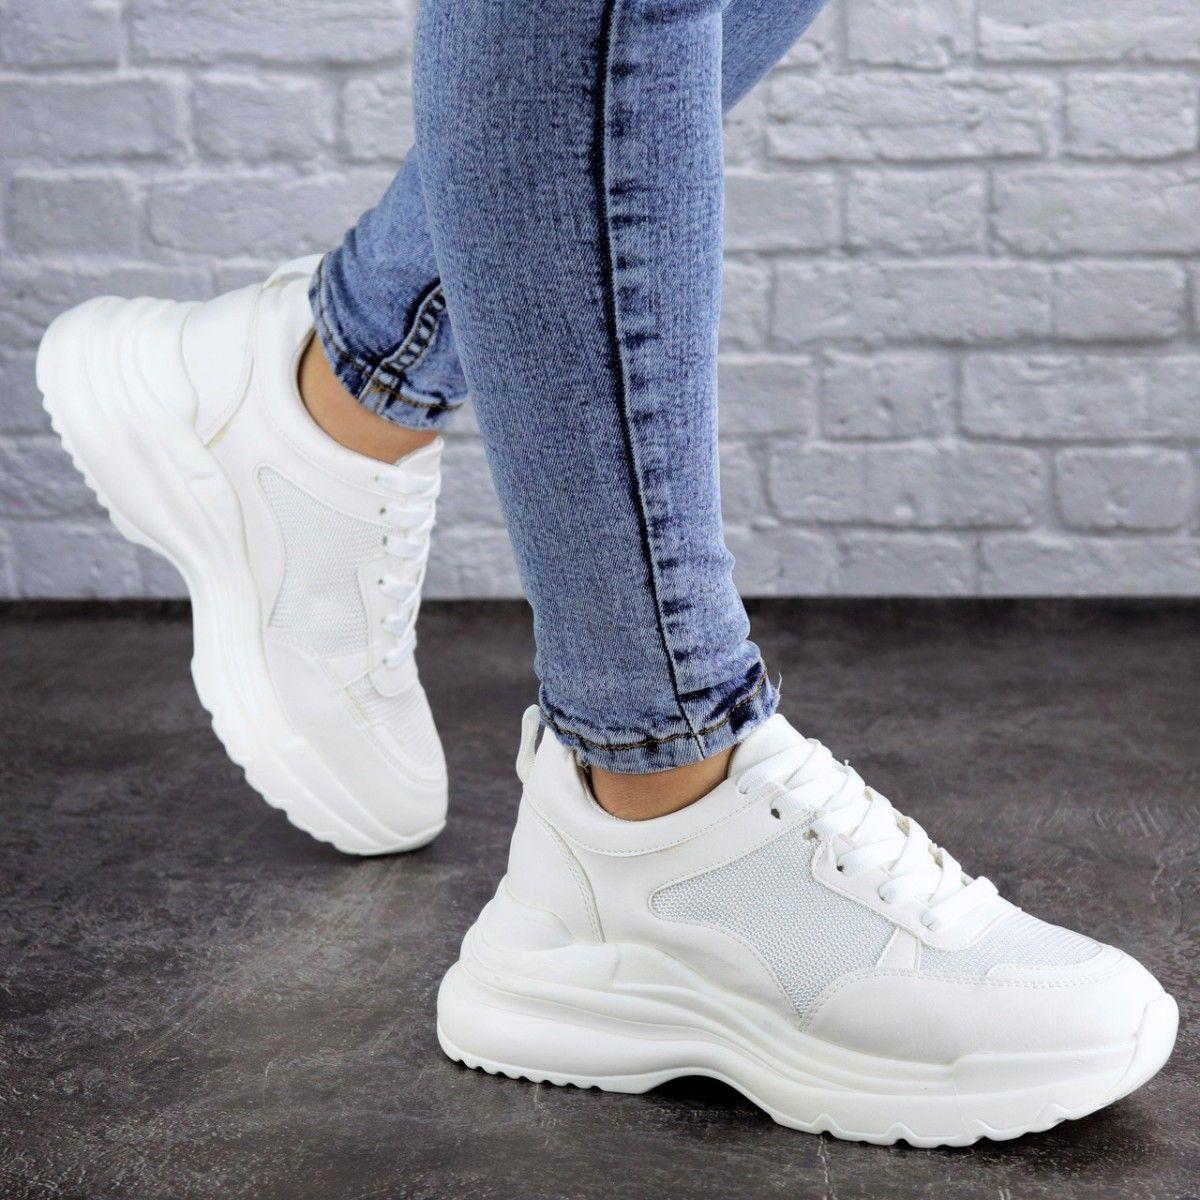 Женские кроссовки Fashion Mishu 2046 36 размер 23 см Белый